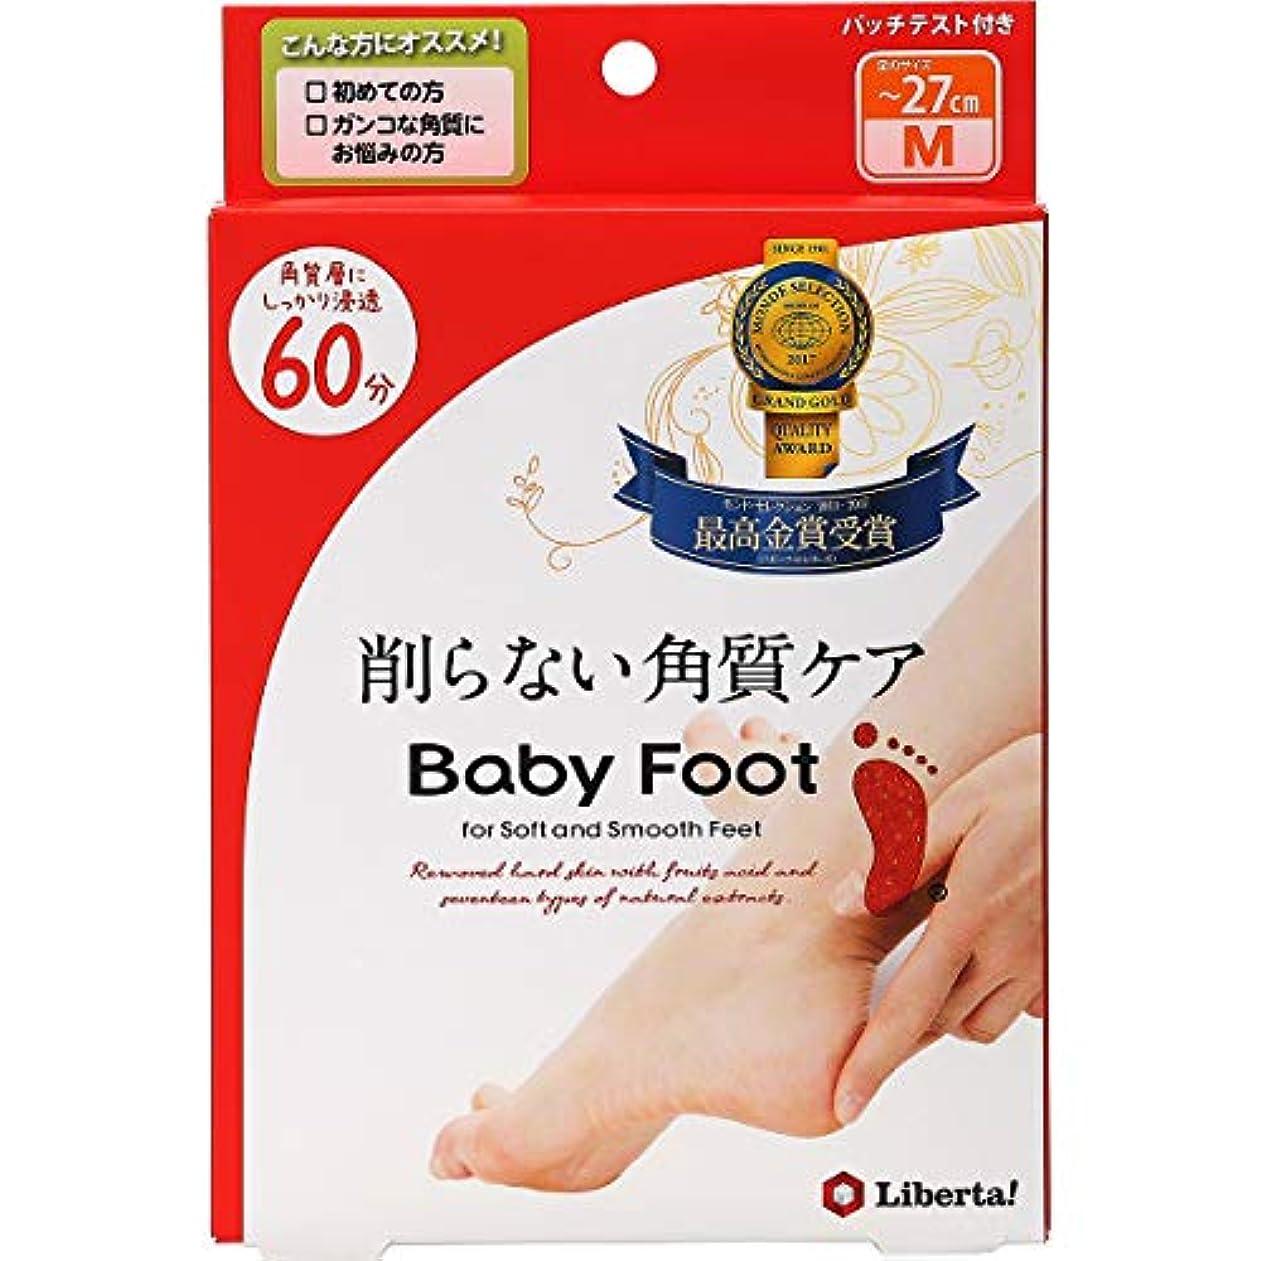 ドレス聖人保持するベビーフット (Baby Foot) ベビーフット イージーパック SPT60分タイプ Mサイズ 単品